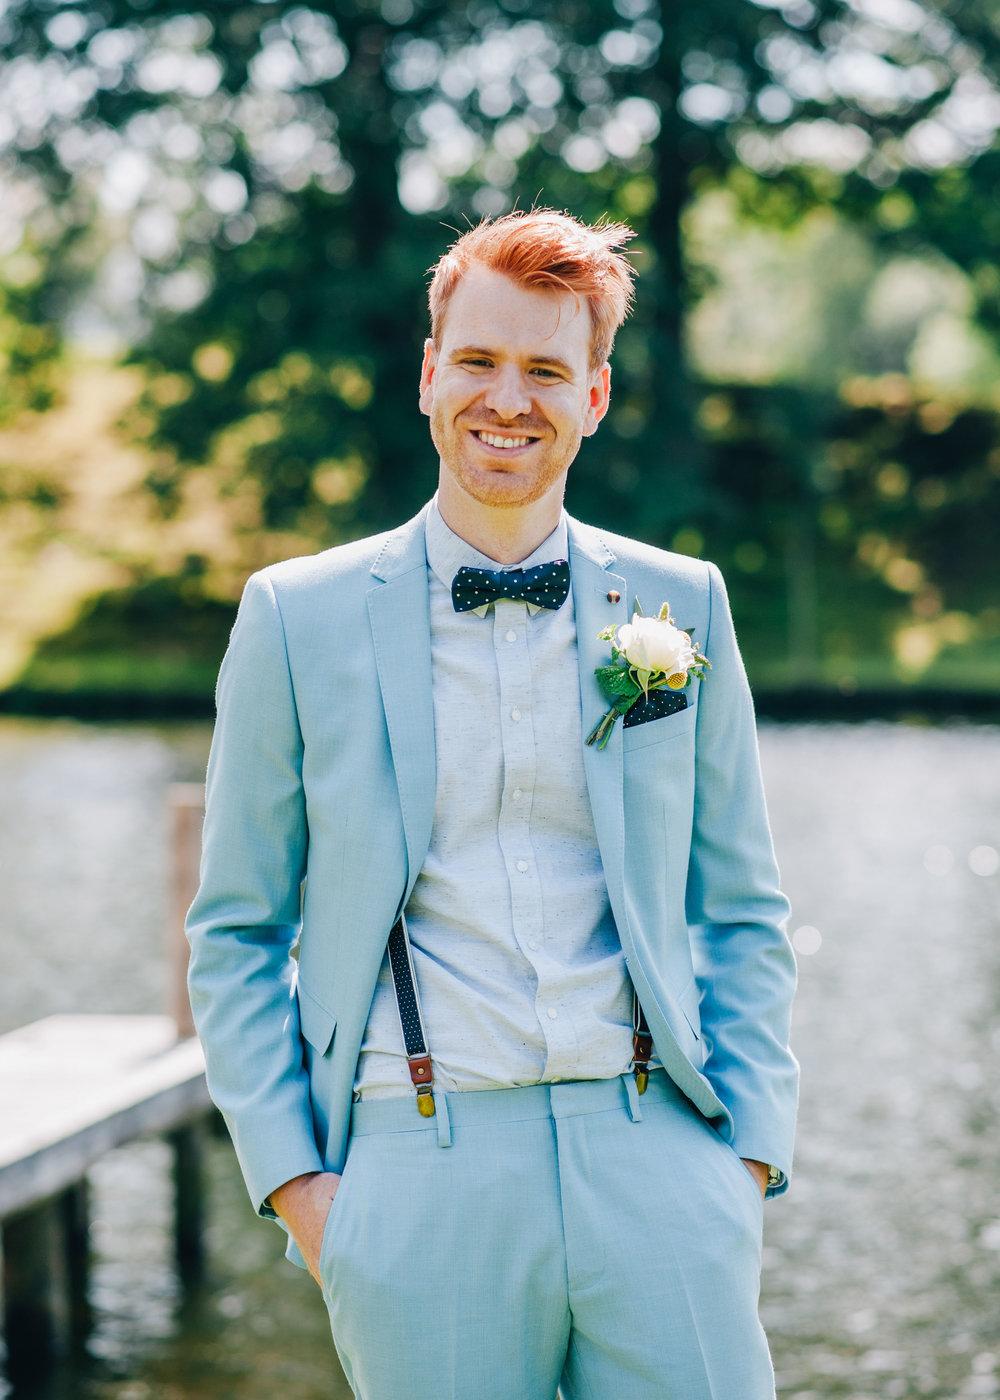 portrait of stylish groom - blue suit